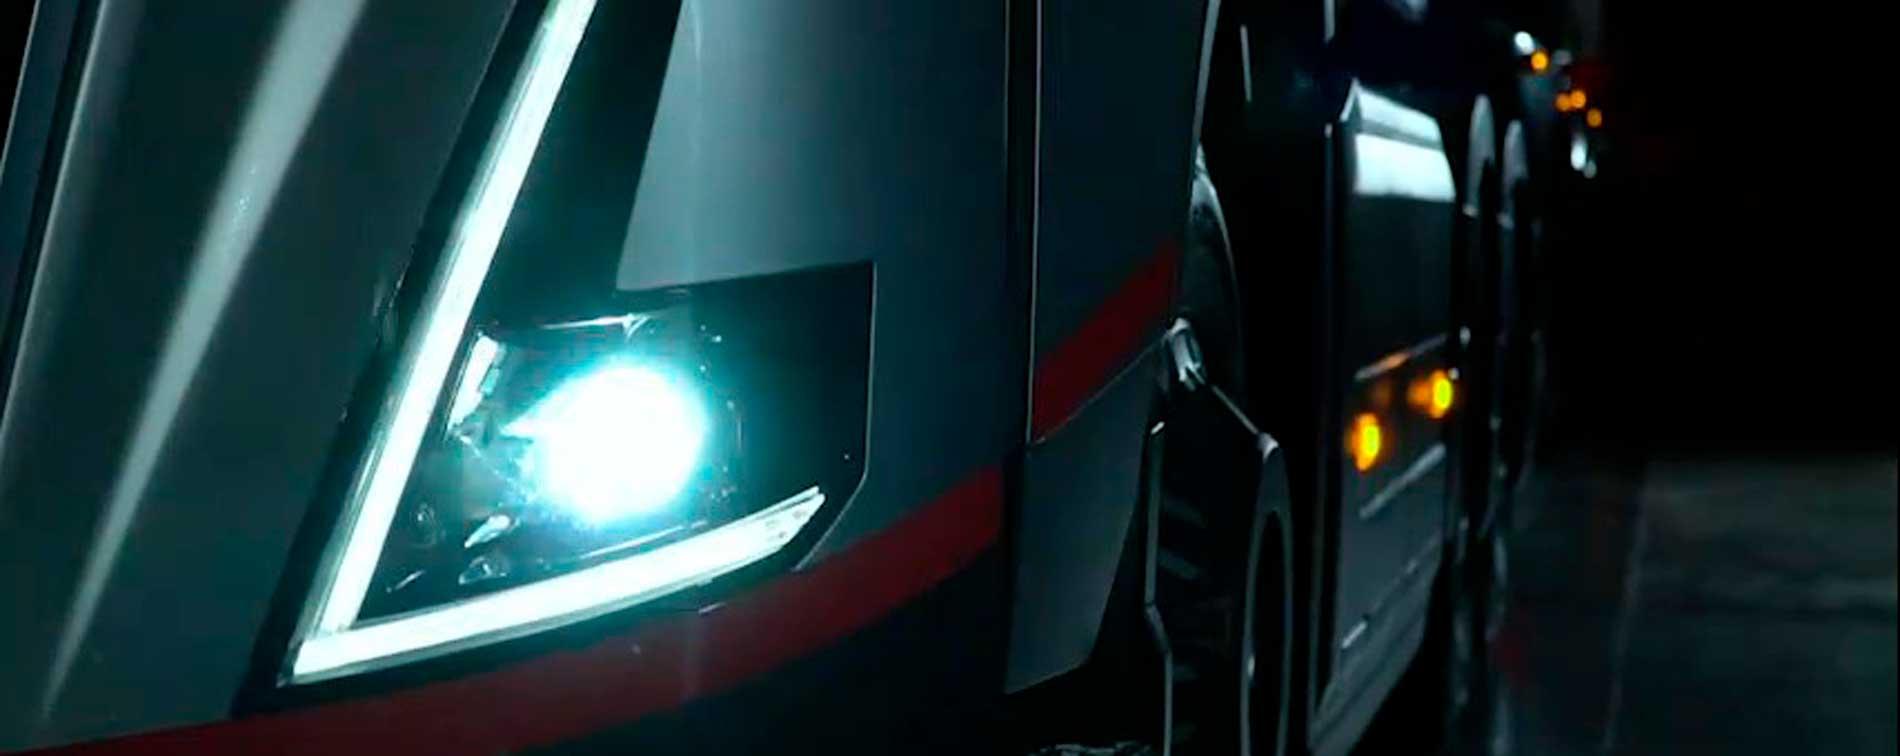 (frente do caminhão conceito da Volvo)